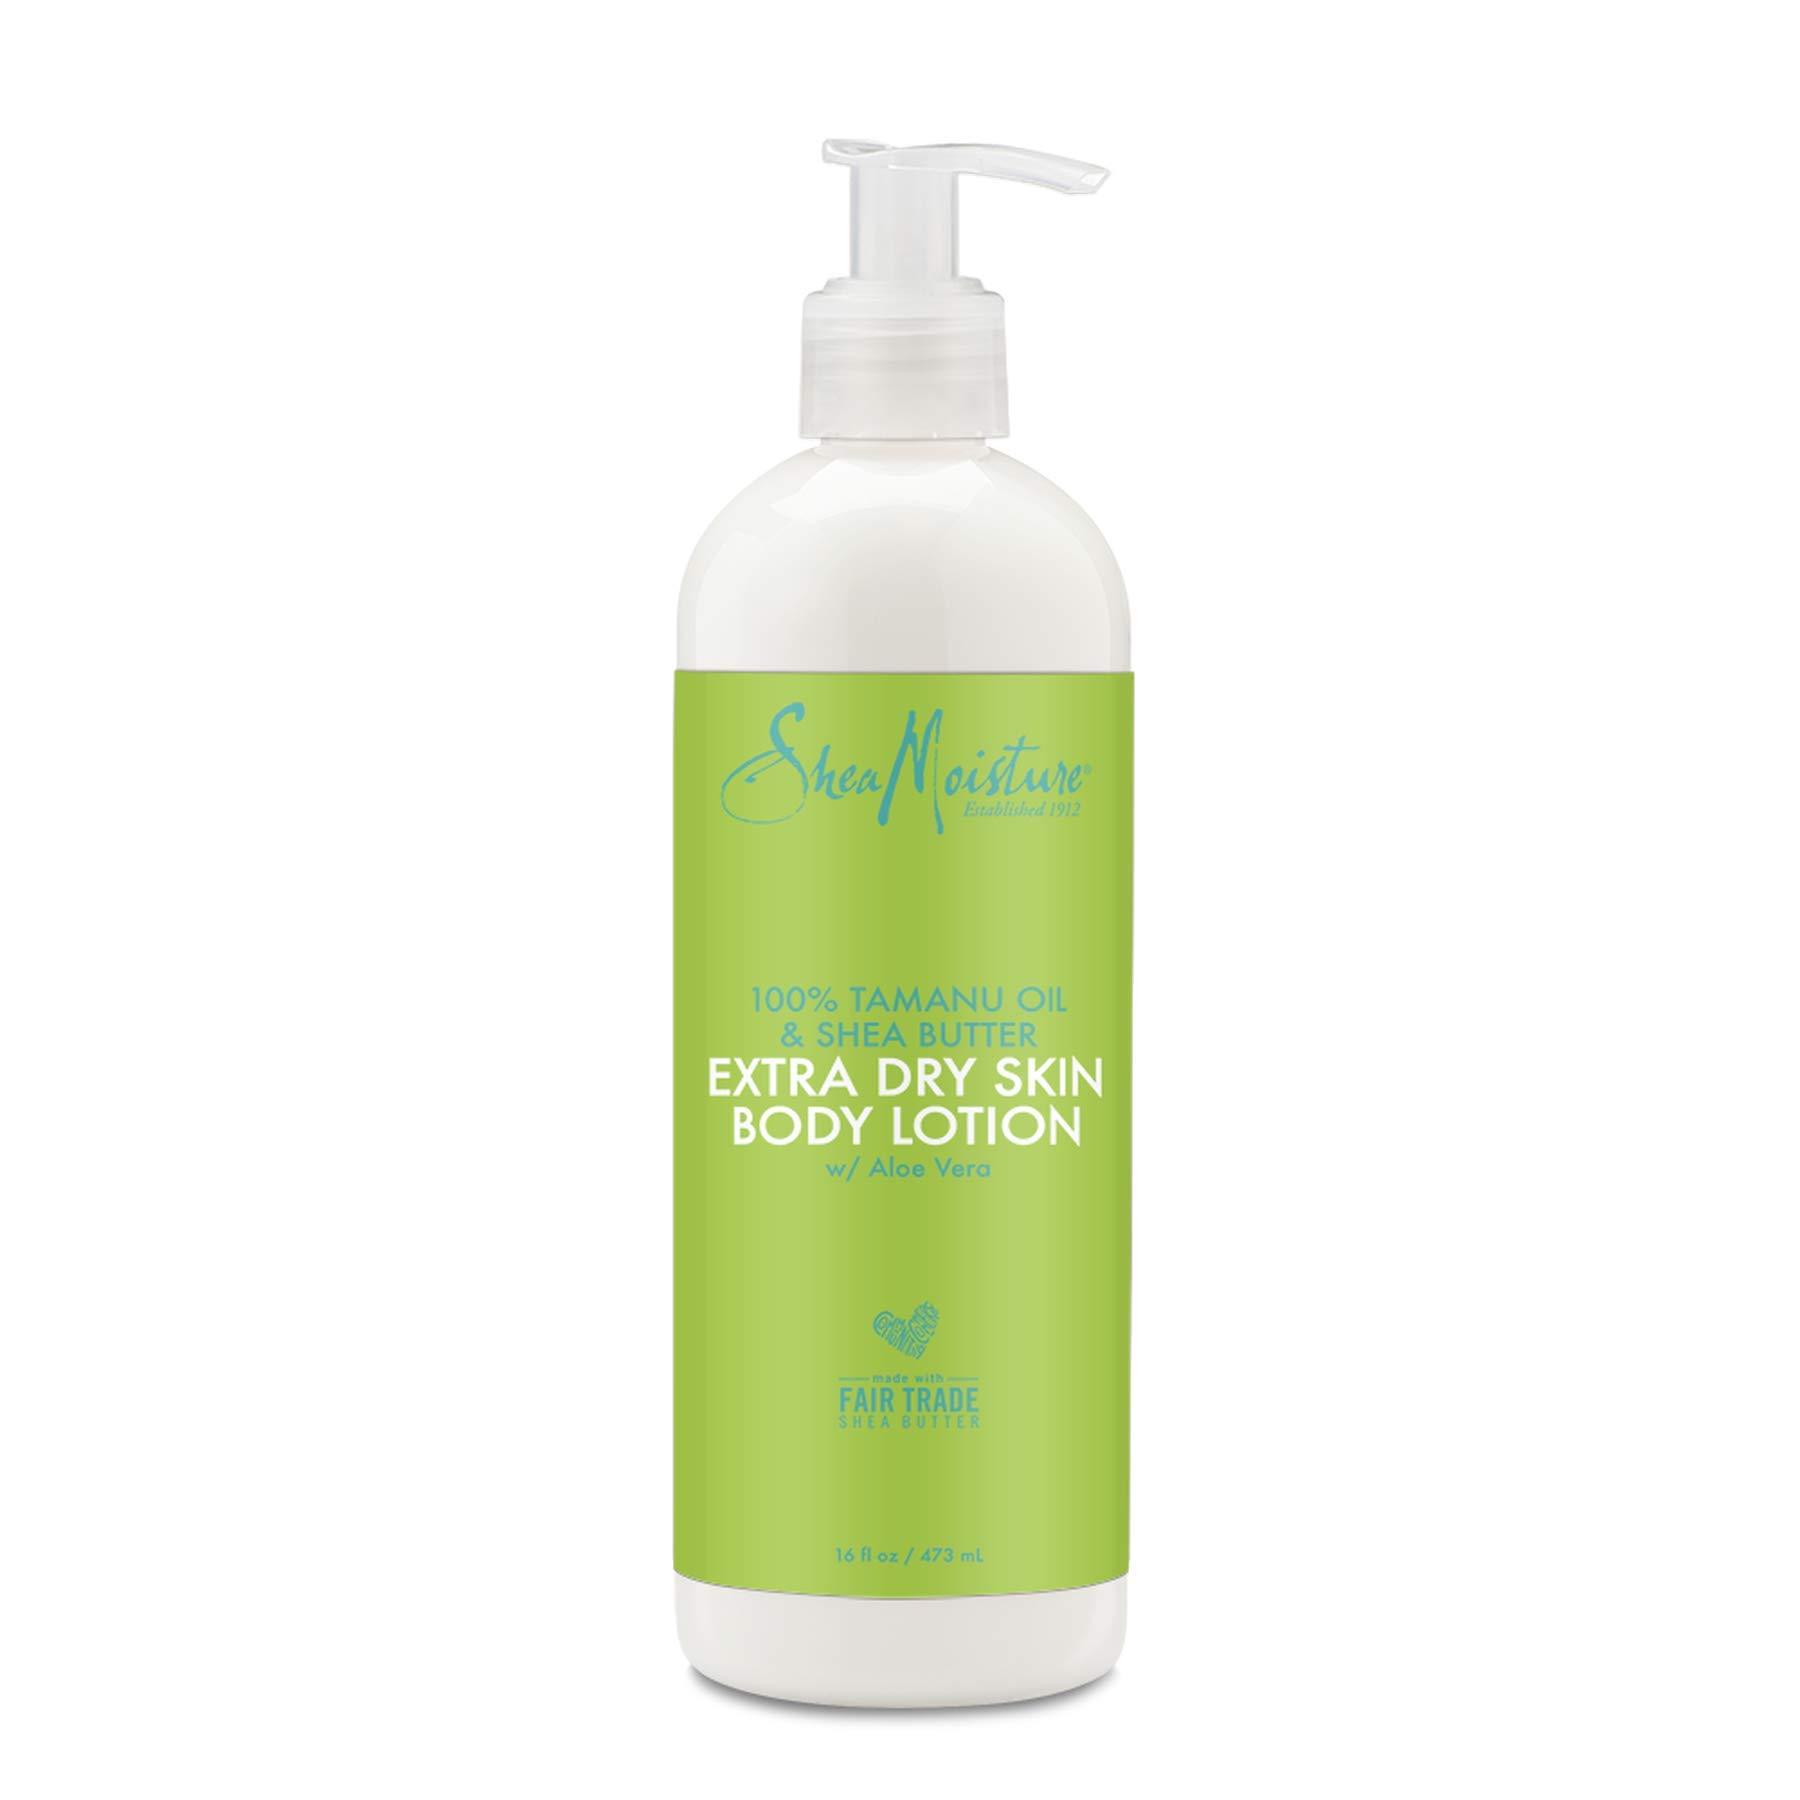 Shea Moisture 100% tamanu oil & organic shea butter extra dry skin body lotion by shea moisture for unisex body lotion, 16 Ounce by Shea Moisture